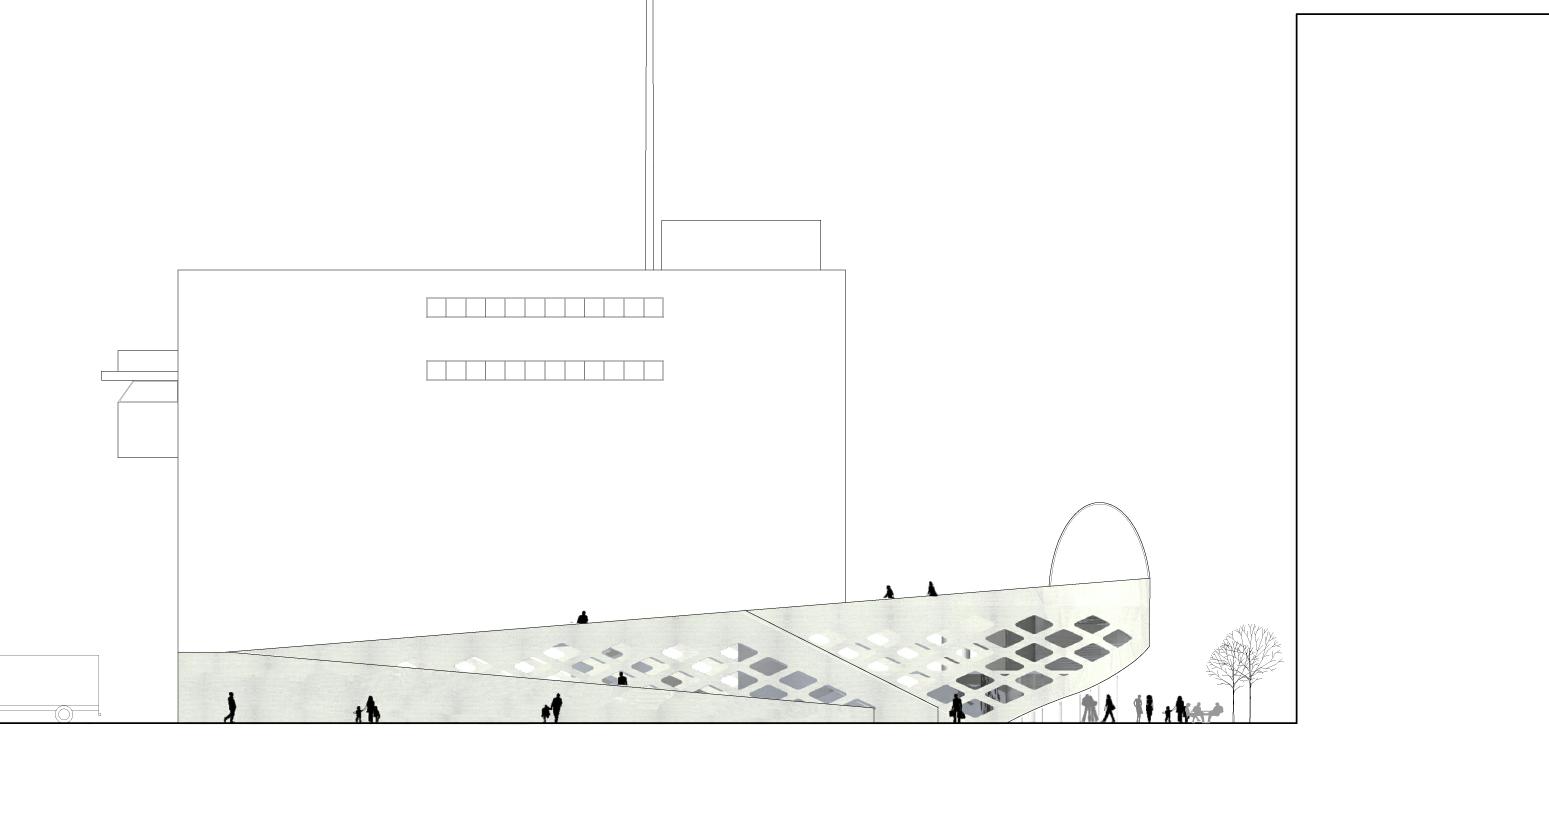 Best Image Negrellisteg / Explorations Architecture